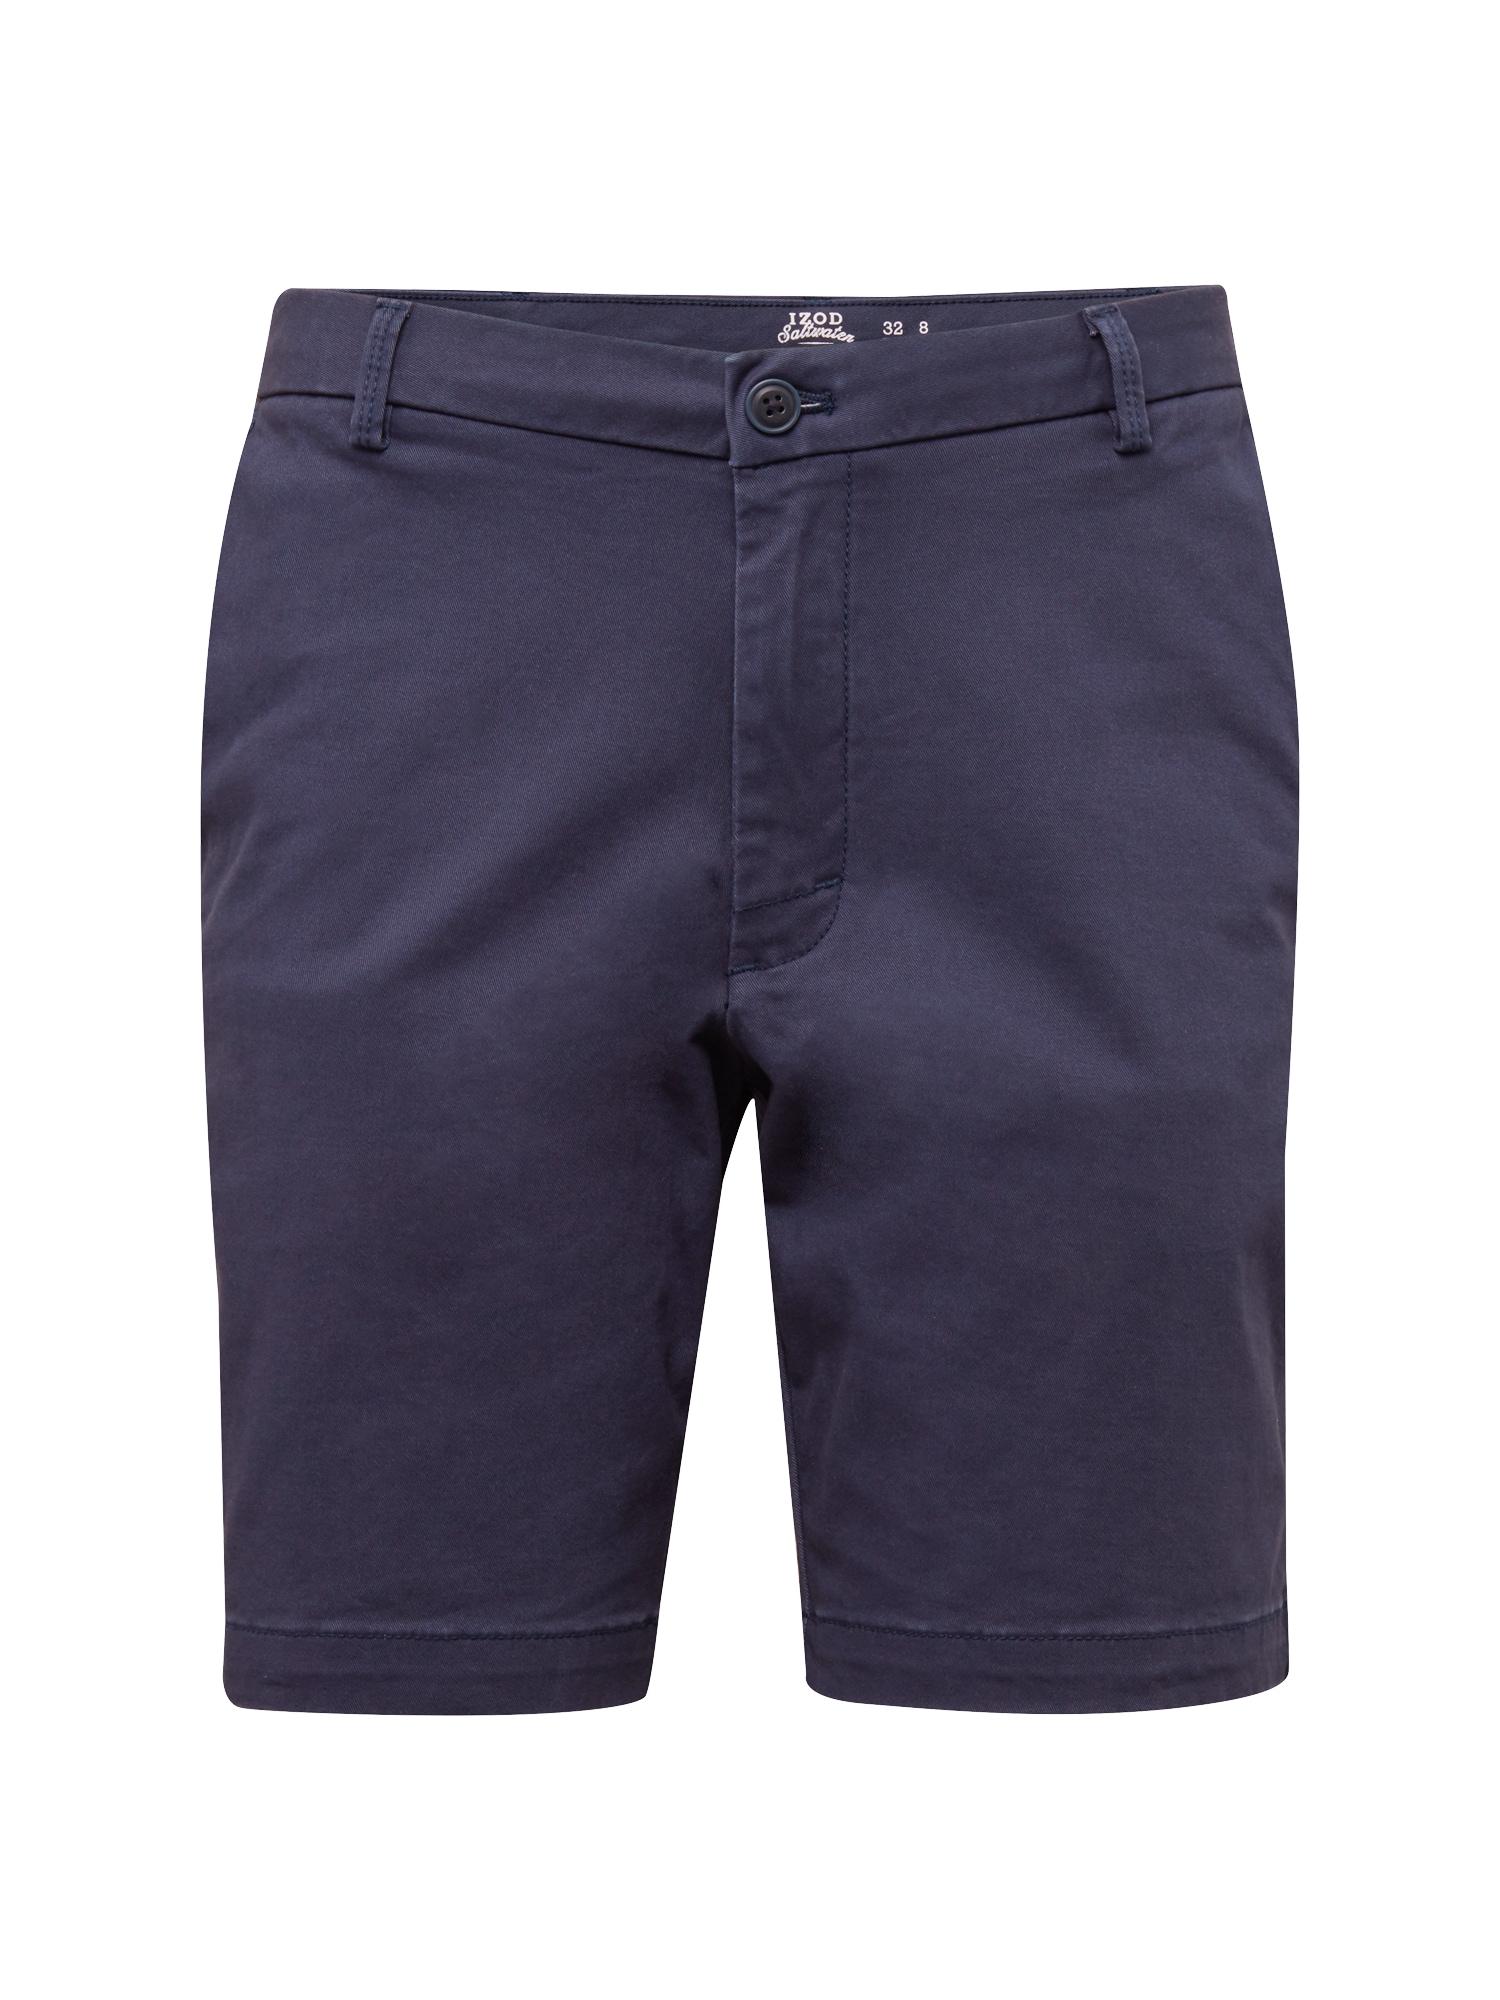 Chino kalhoty SALTWATER námořnická modř IZOD